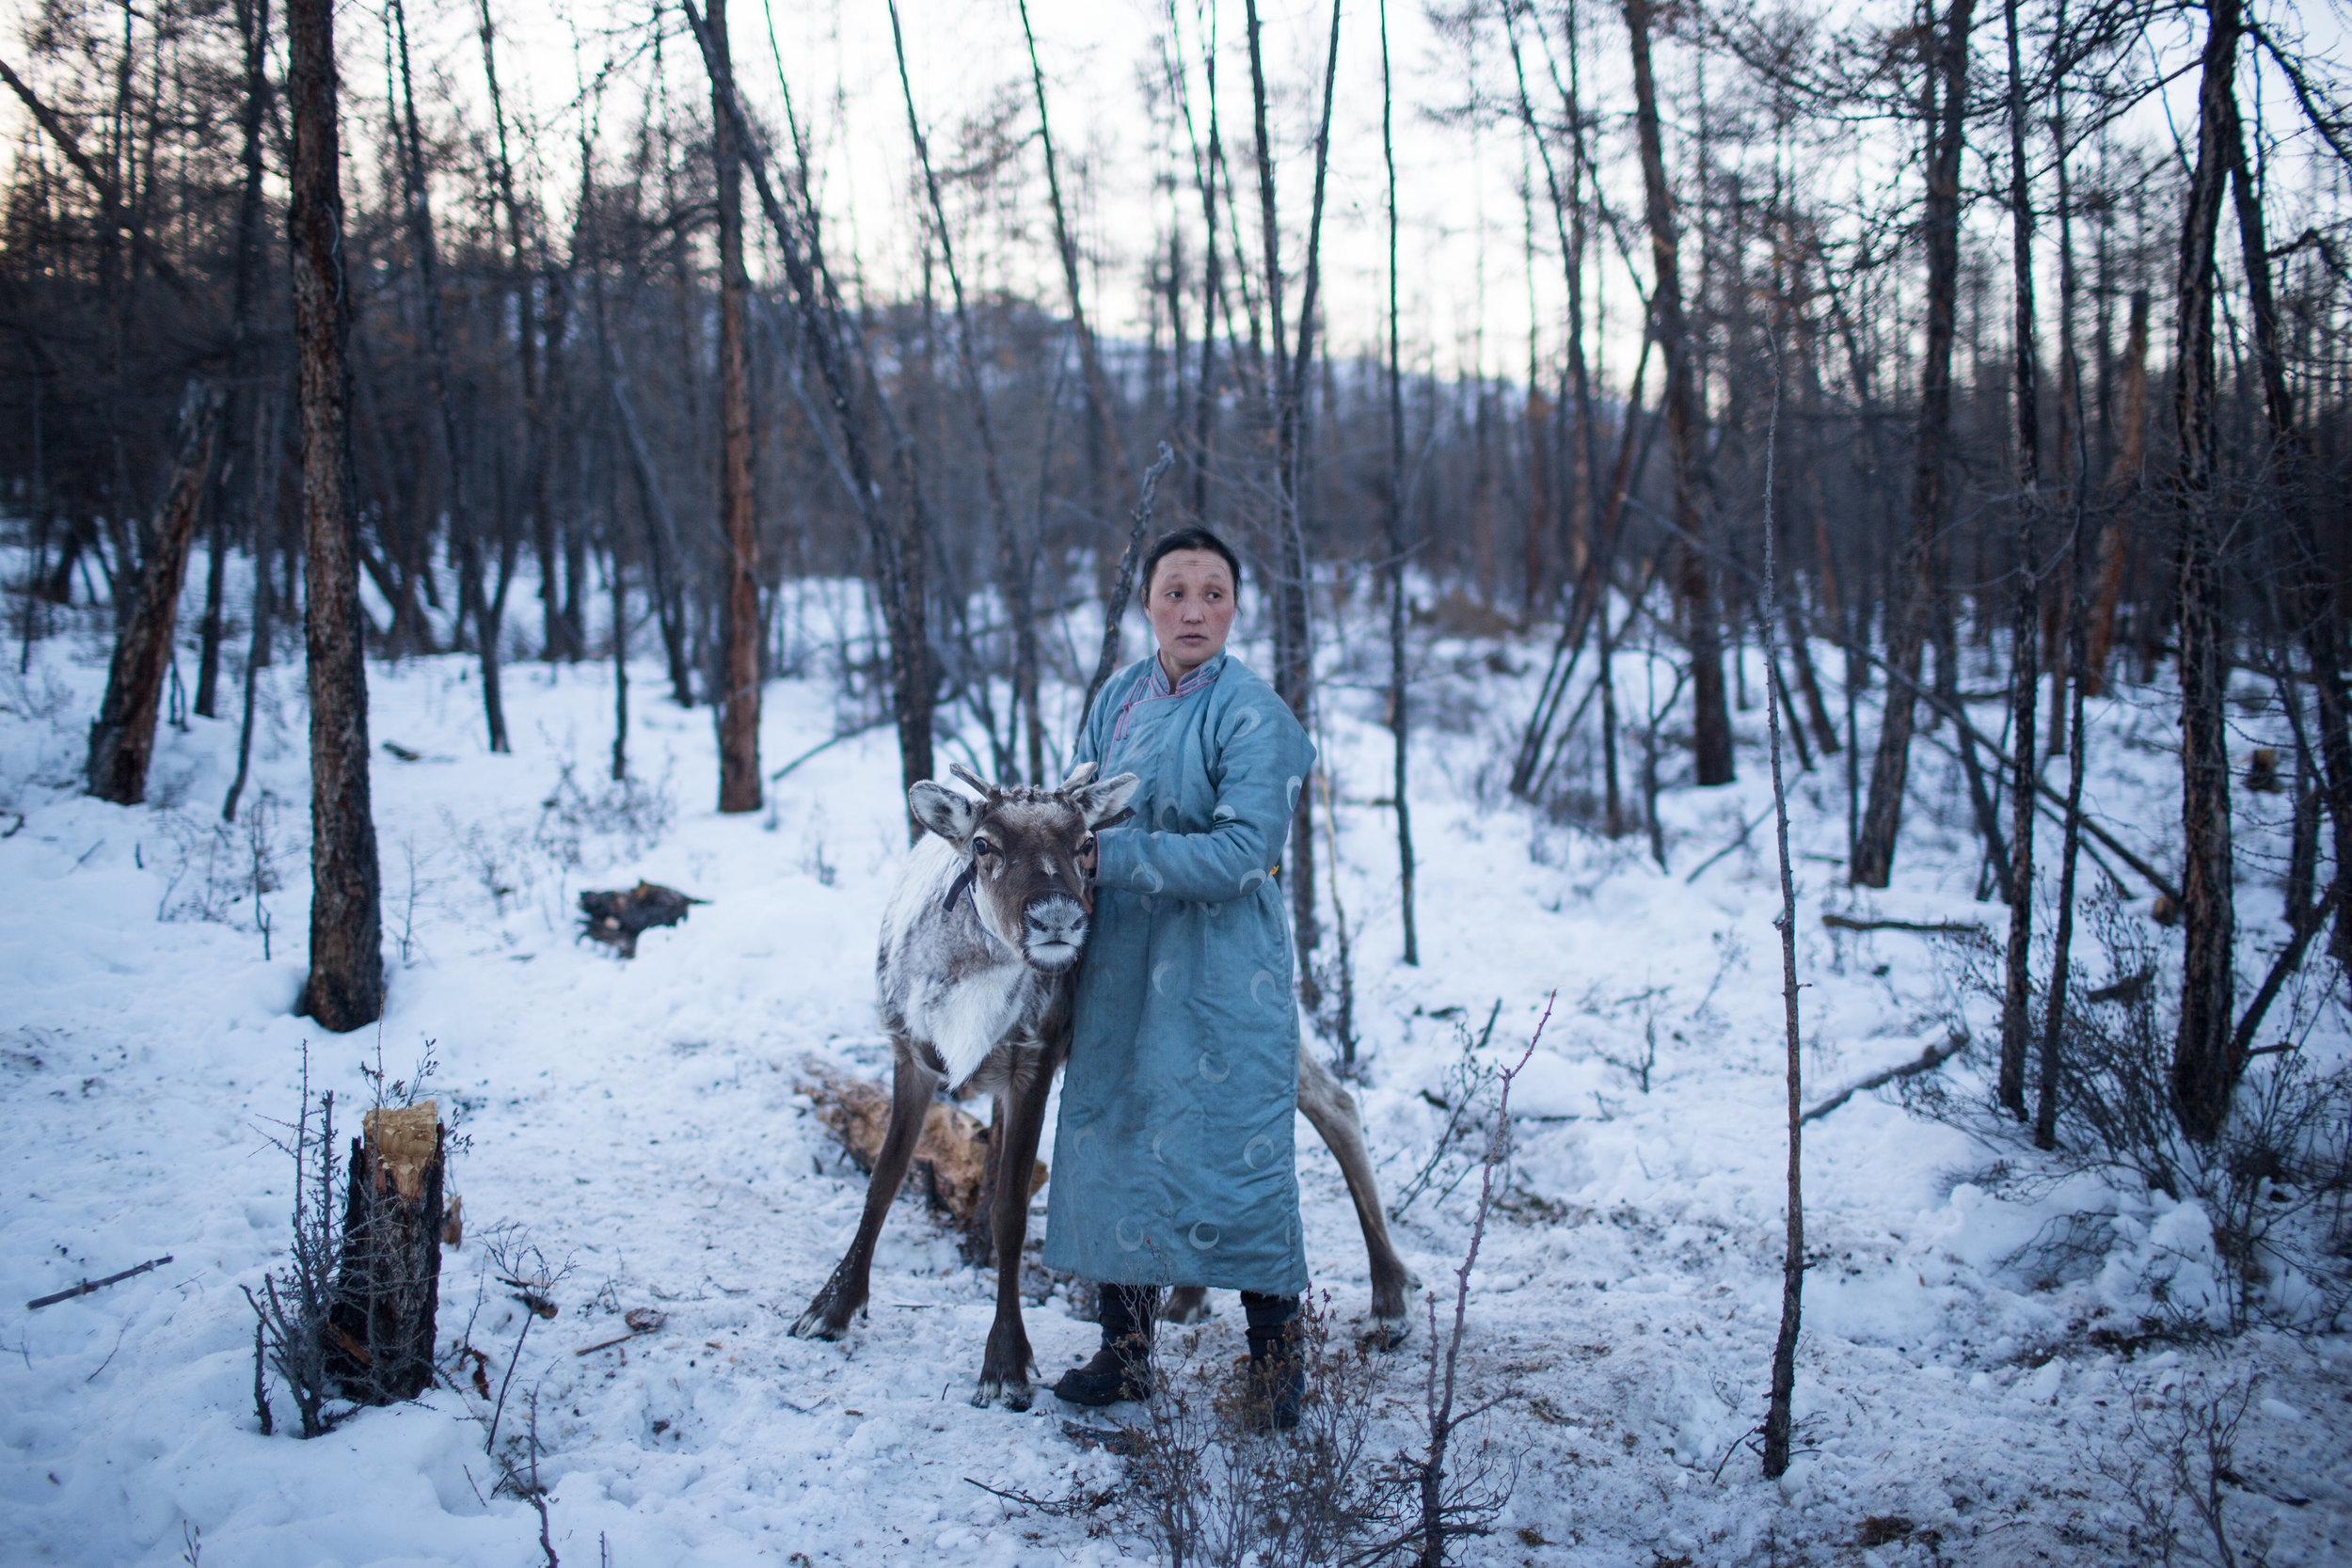 A Dukha woman releases reindeer to graze at dusk near Tsagaannuur, Mongolia. (Credit: Taylor Weidman)